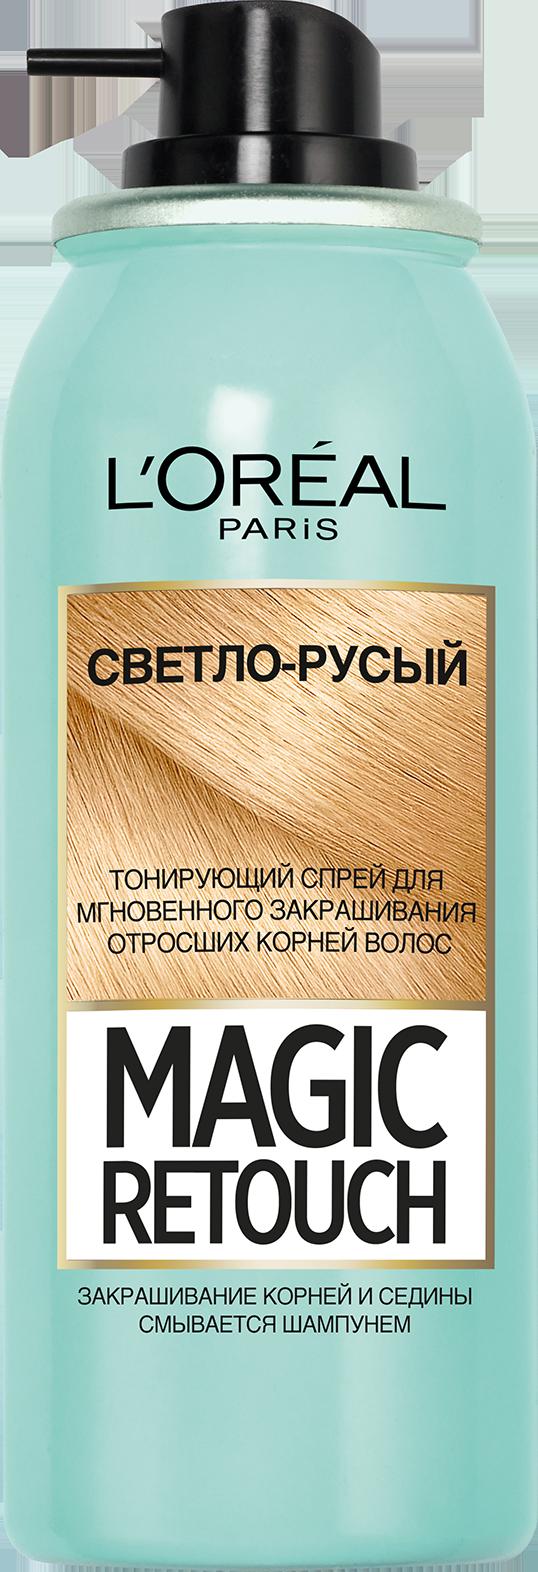 Миниатюра Спрей для волос L'Oreal Paris MAGIC RETOUCH 5 Светло Русый Тонирующий №4